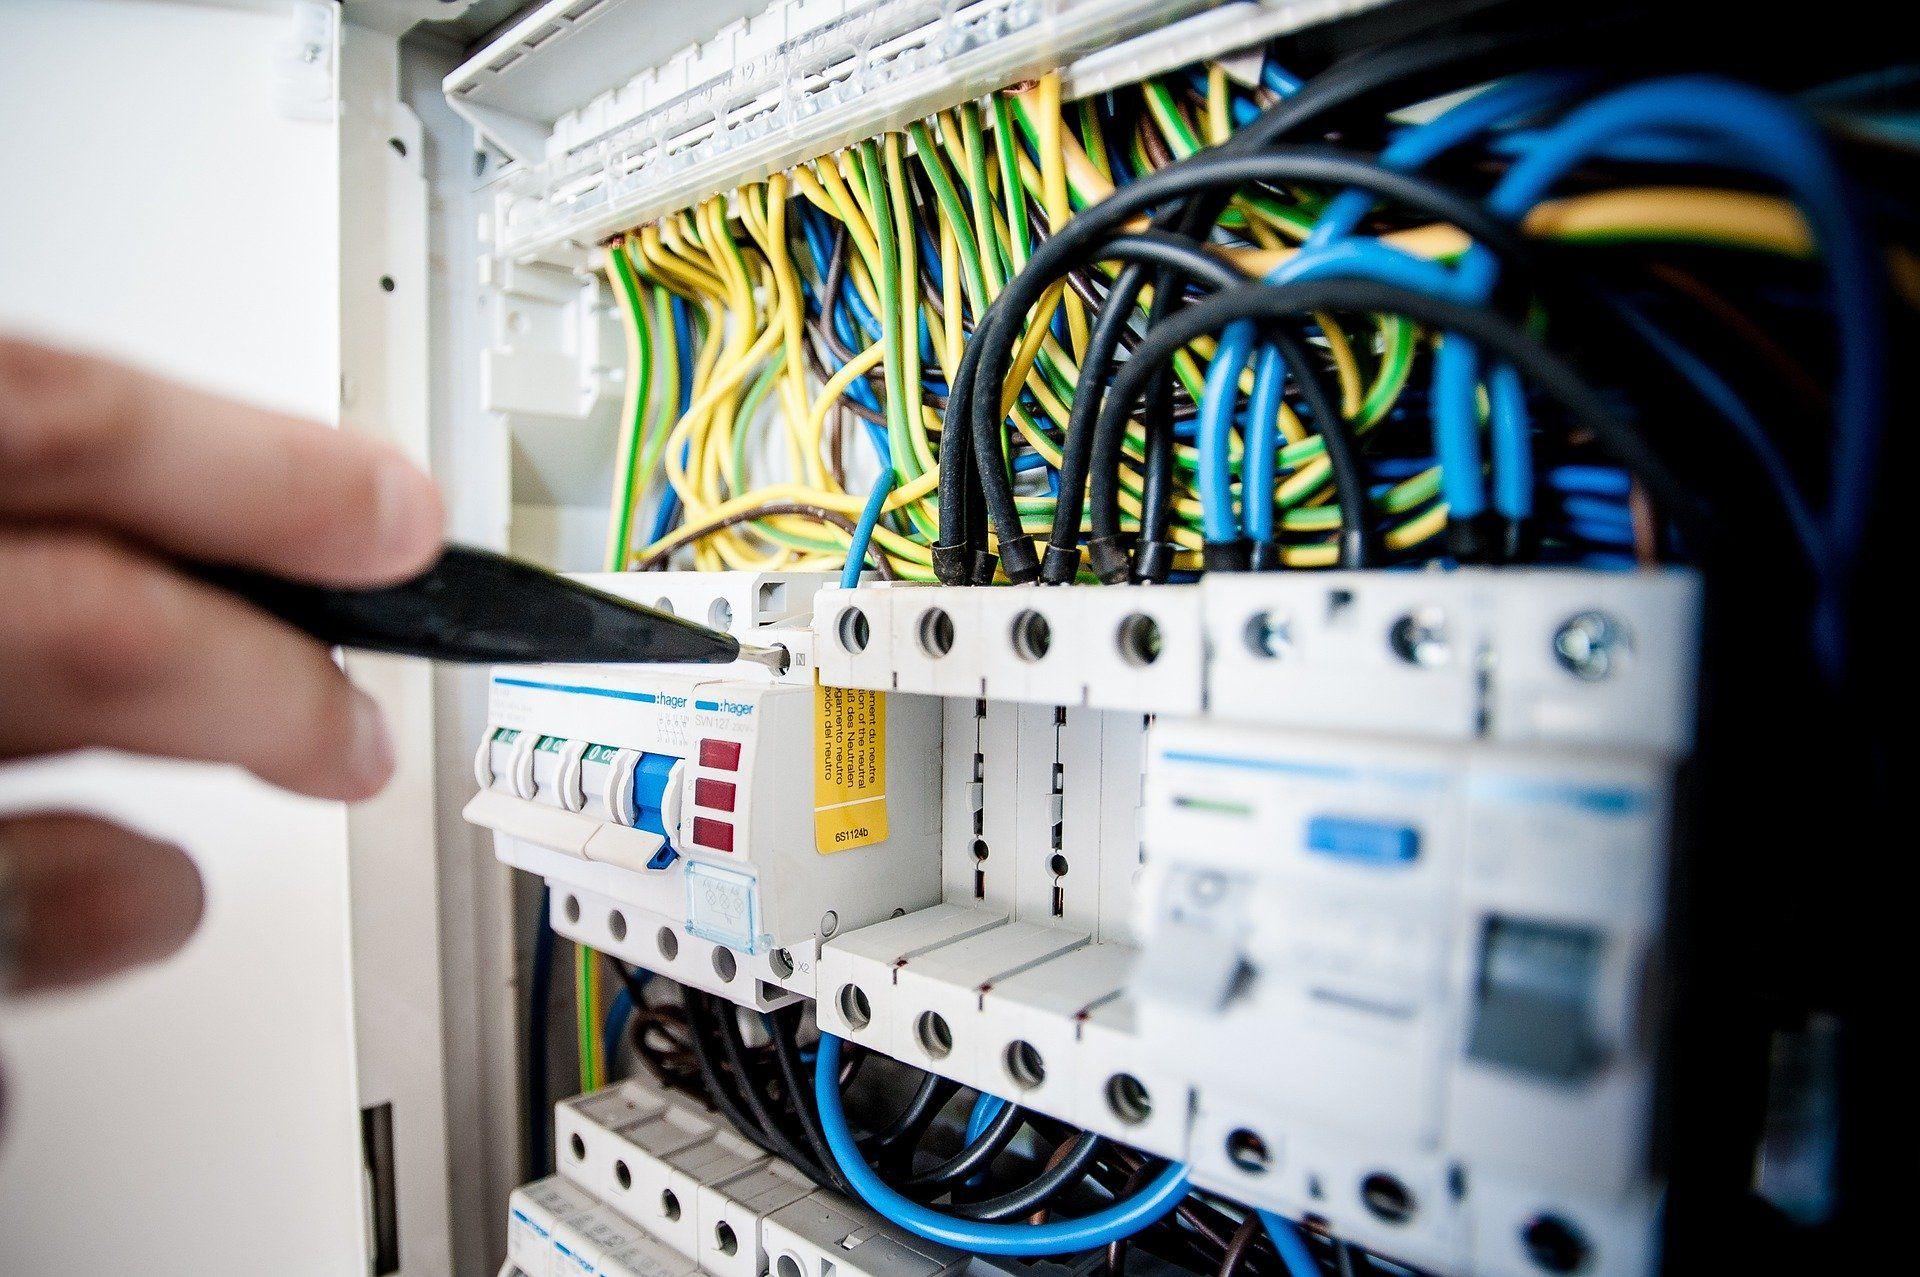 La Cnil Epingle Les Compteurs Linky Pour Non Respect De La Rgpd Electrical Engineering Electricity Power Engineering